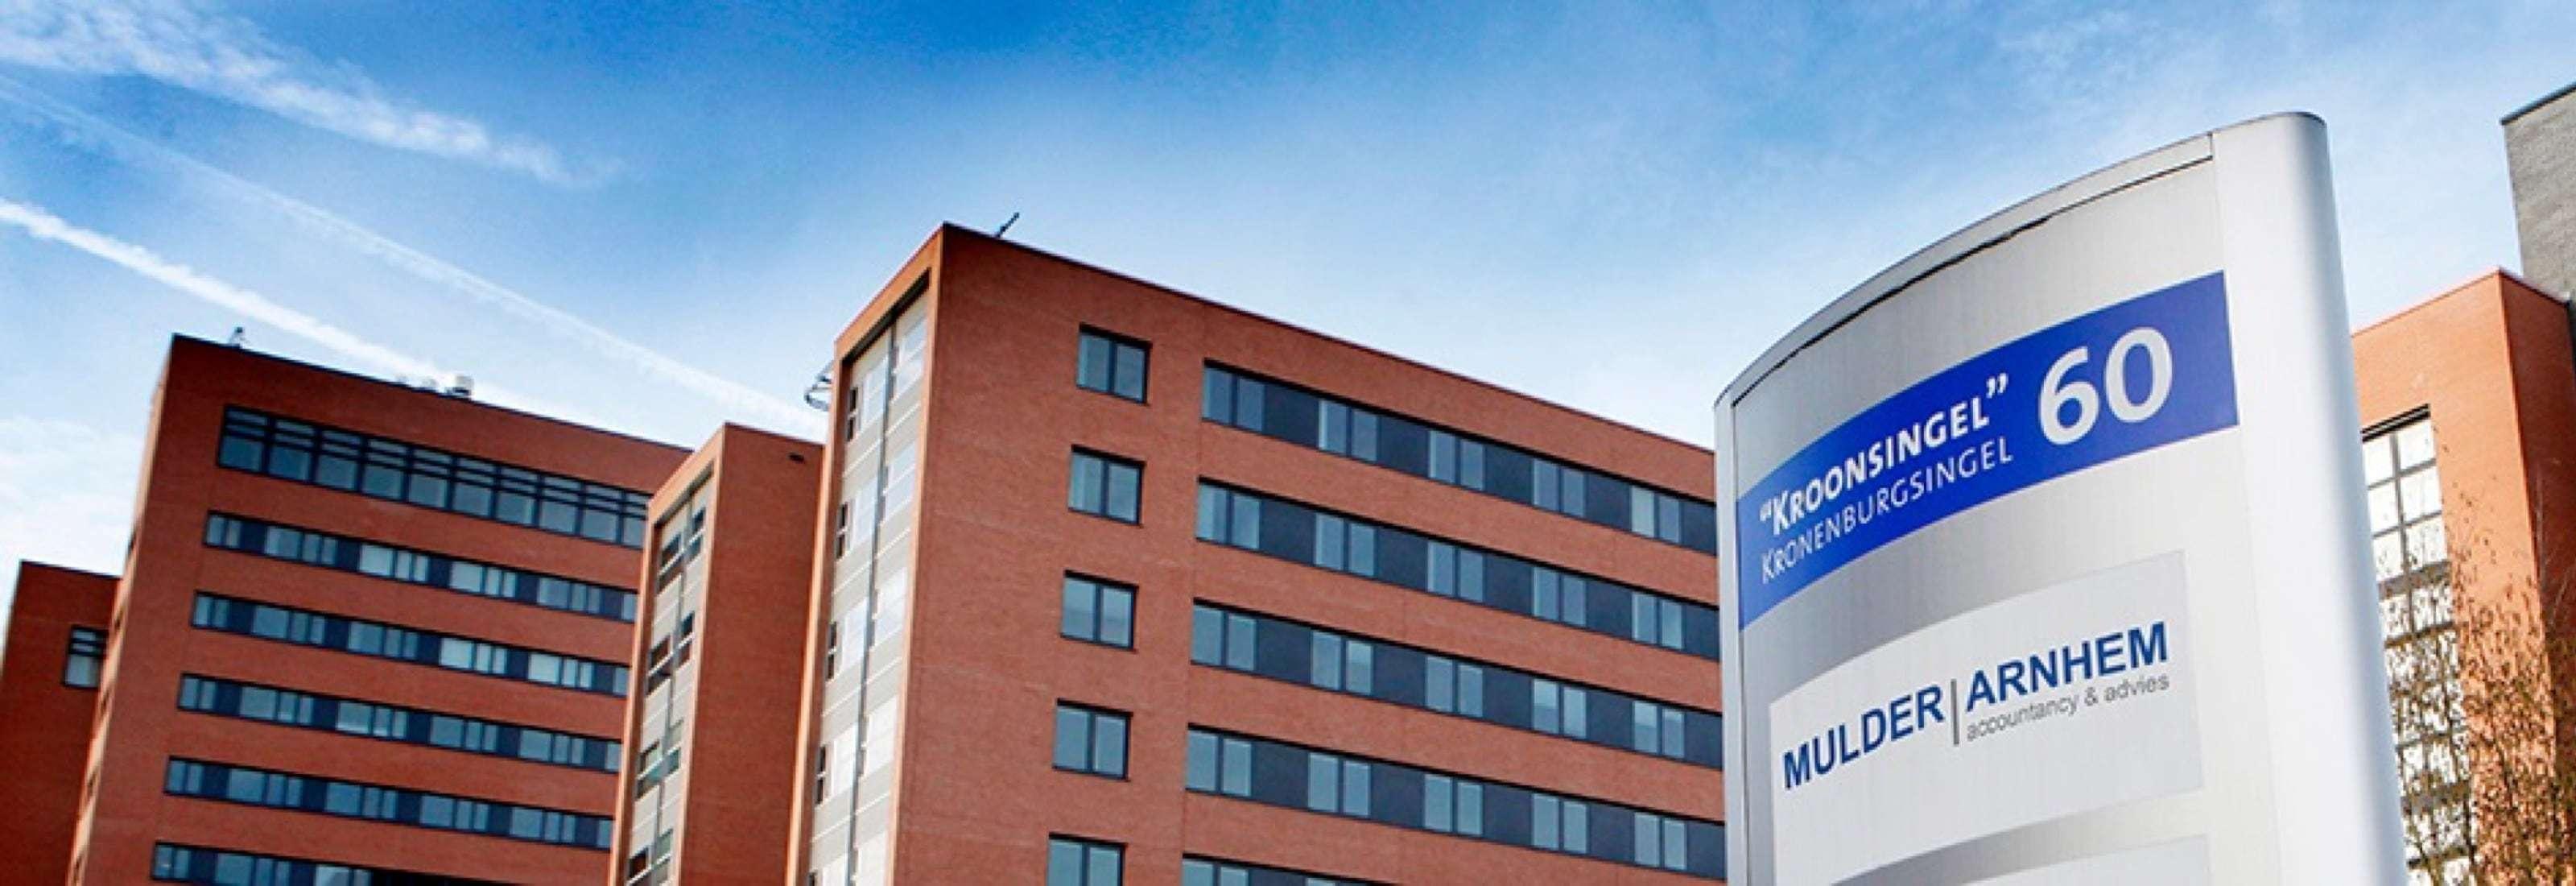 Mulder Arnhem - Accountancy en Advies in Arnhem